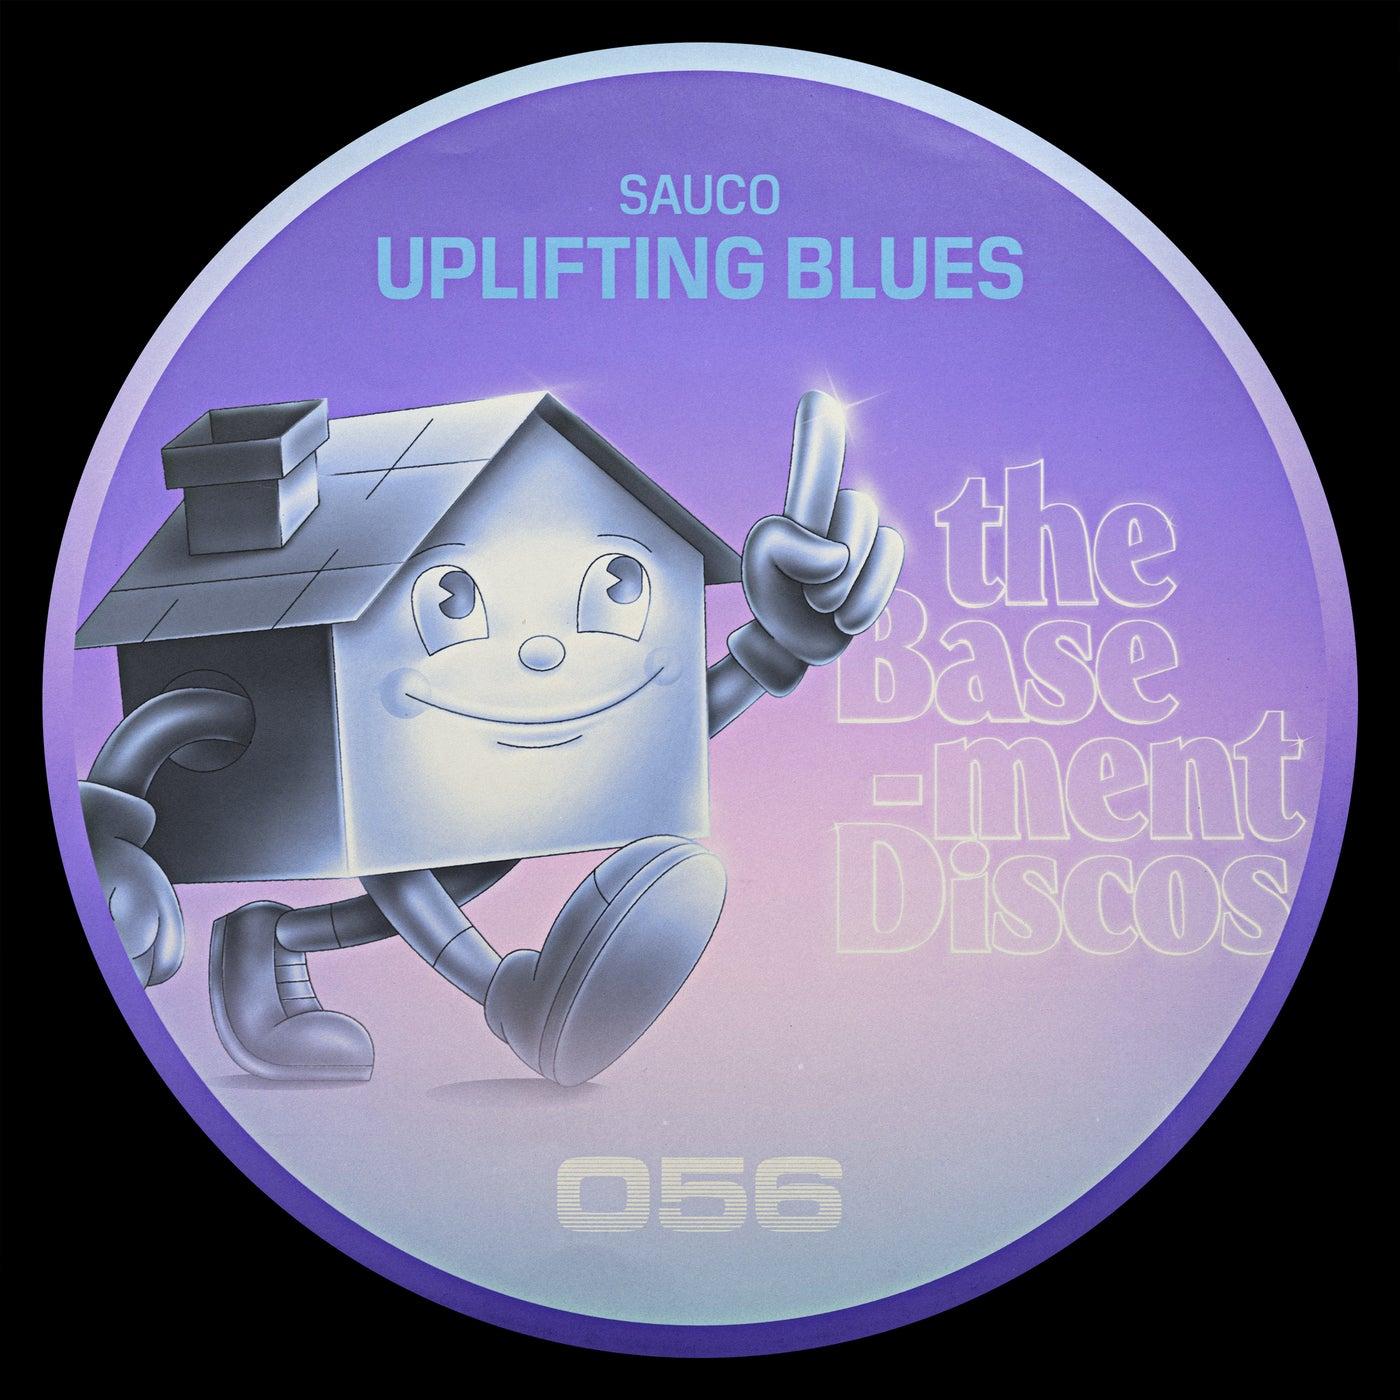 Uplifting Blues (Original Mix)